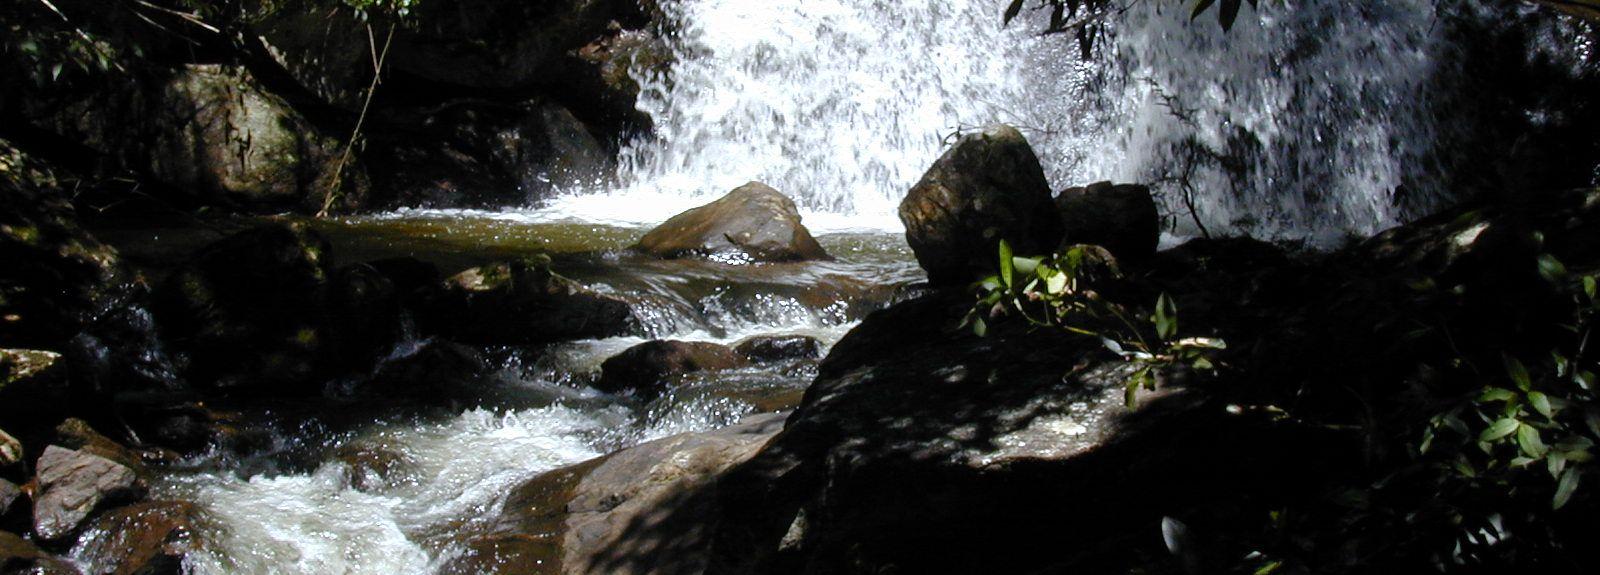 Minas Gerais (delstat), Sydøstlige region, Brasilien